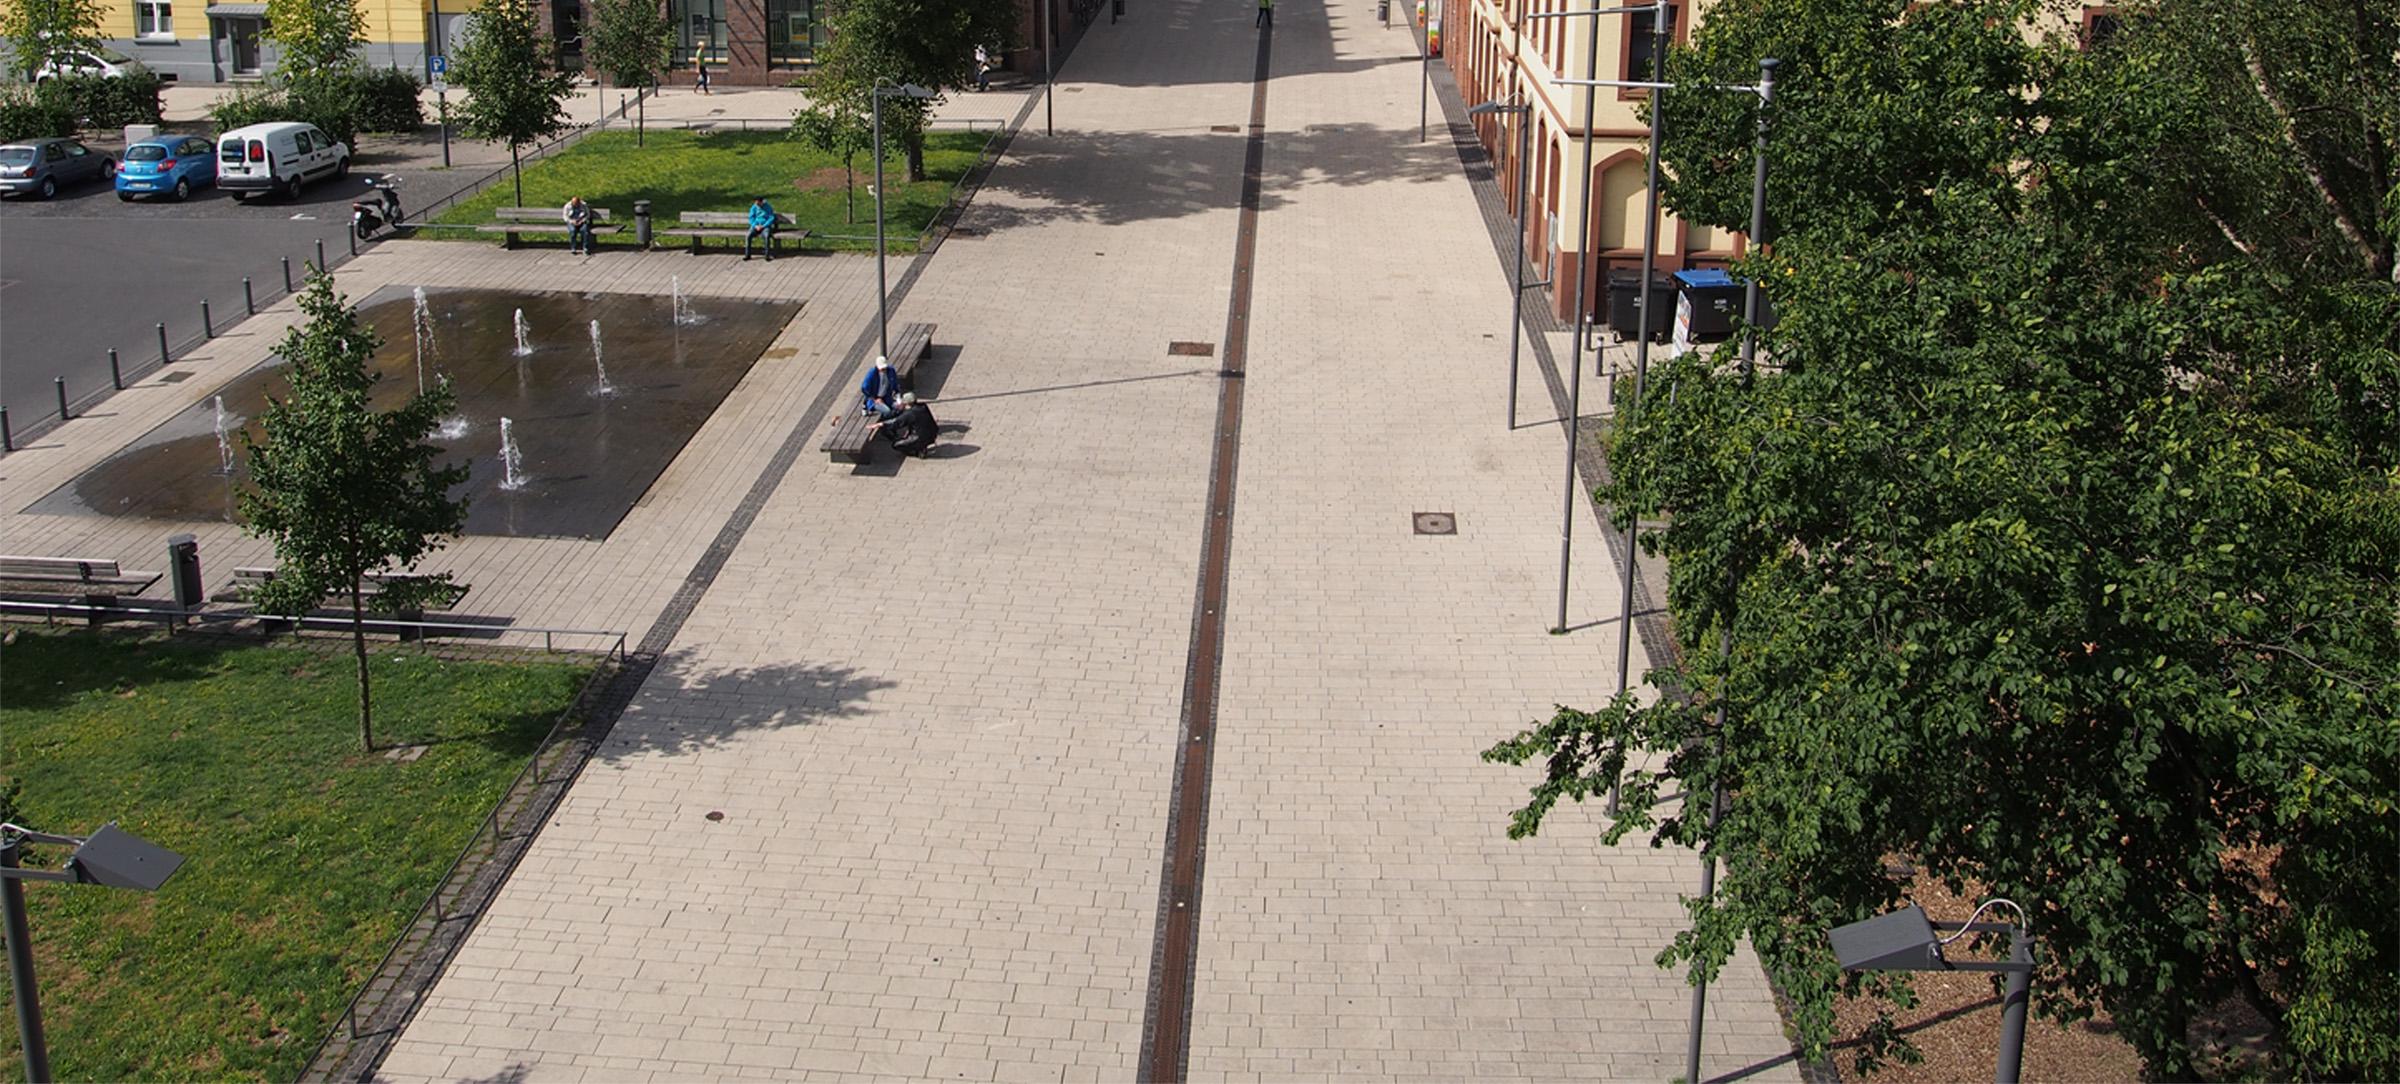 Permalink auf:Recklinghausen – Süd | Neumarkt